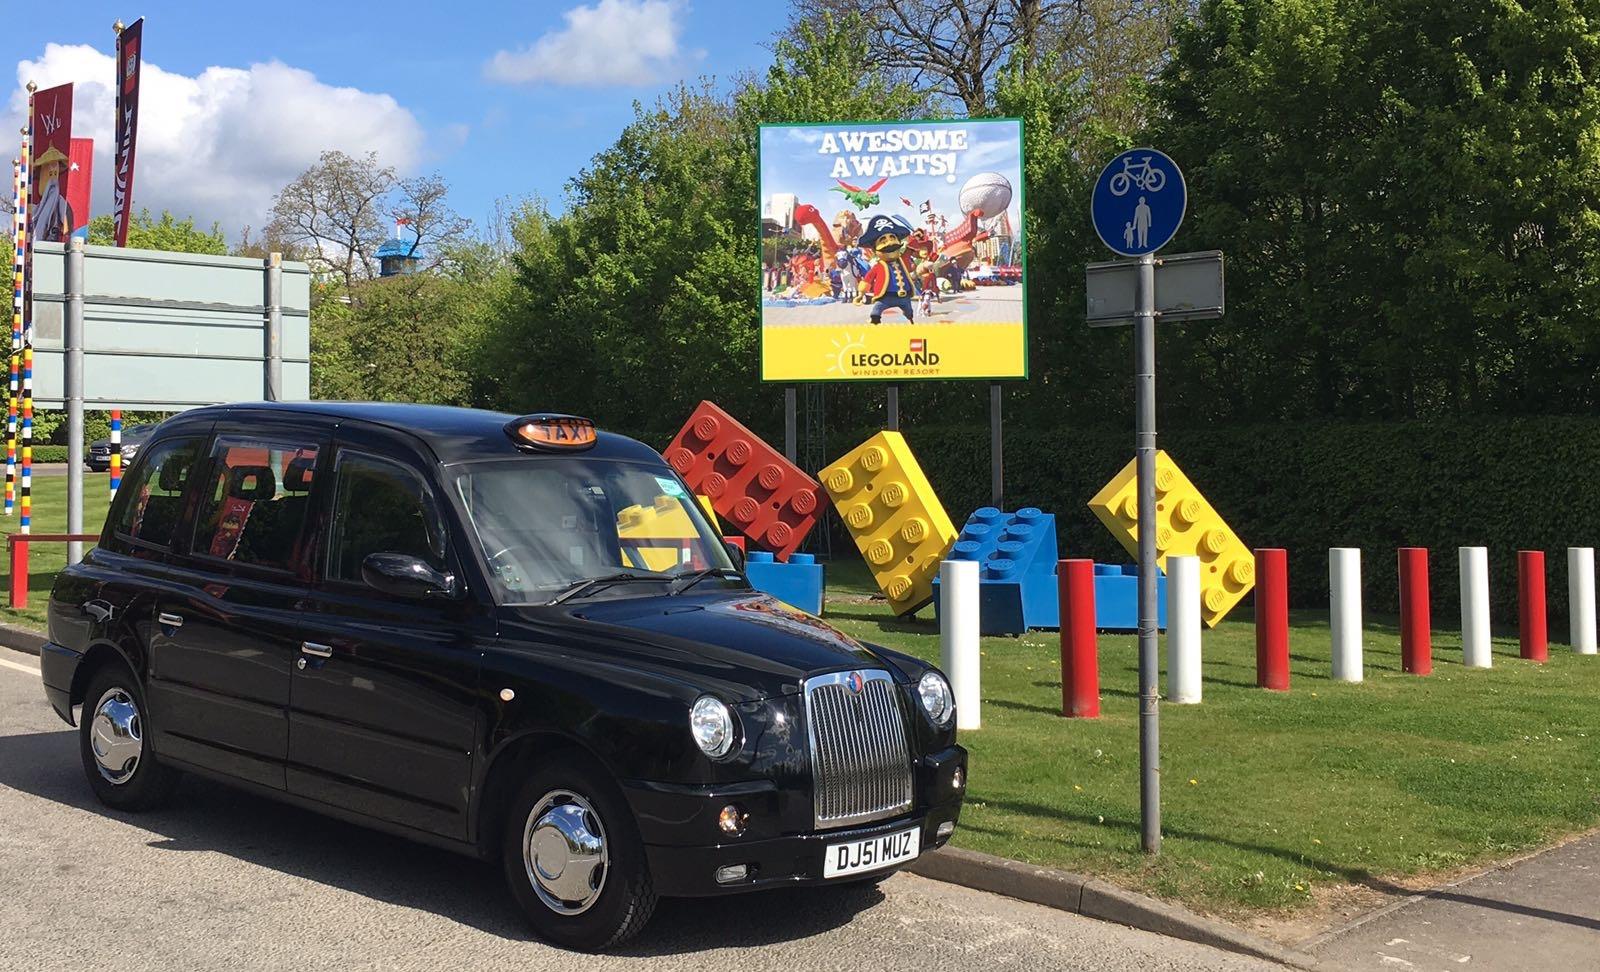 Taxi to Legoland